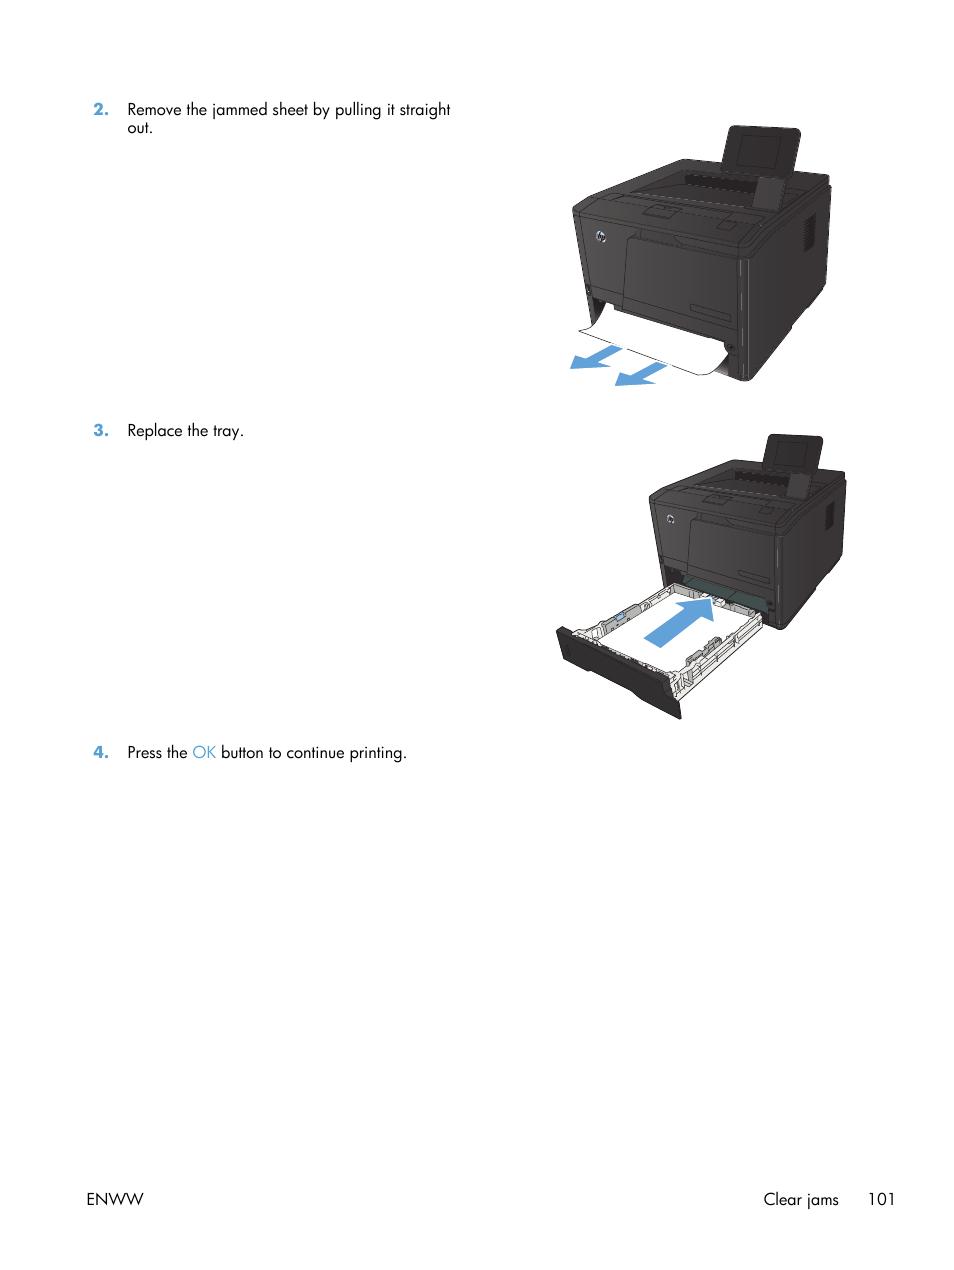 HP LaserJet Pro 400 Printer M401 series User Manual   Page 113 / 148